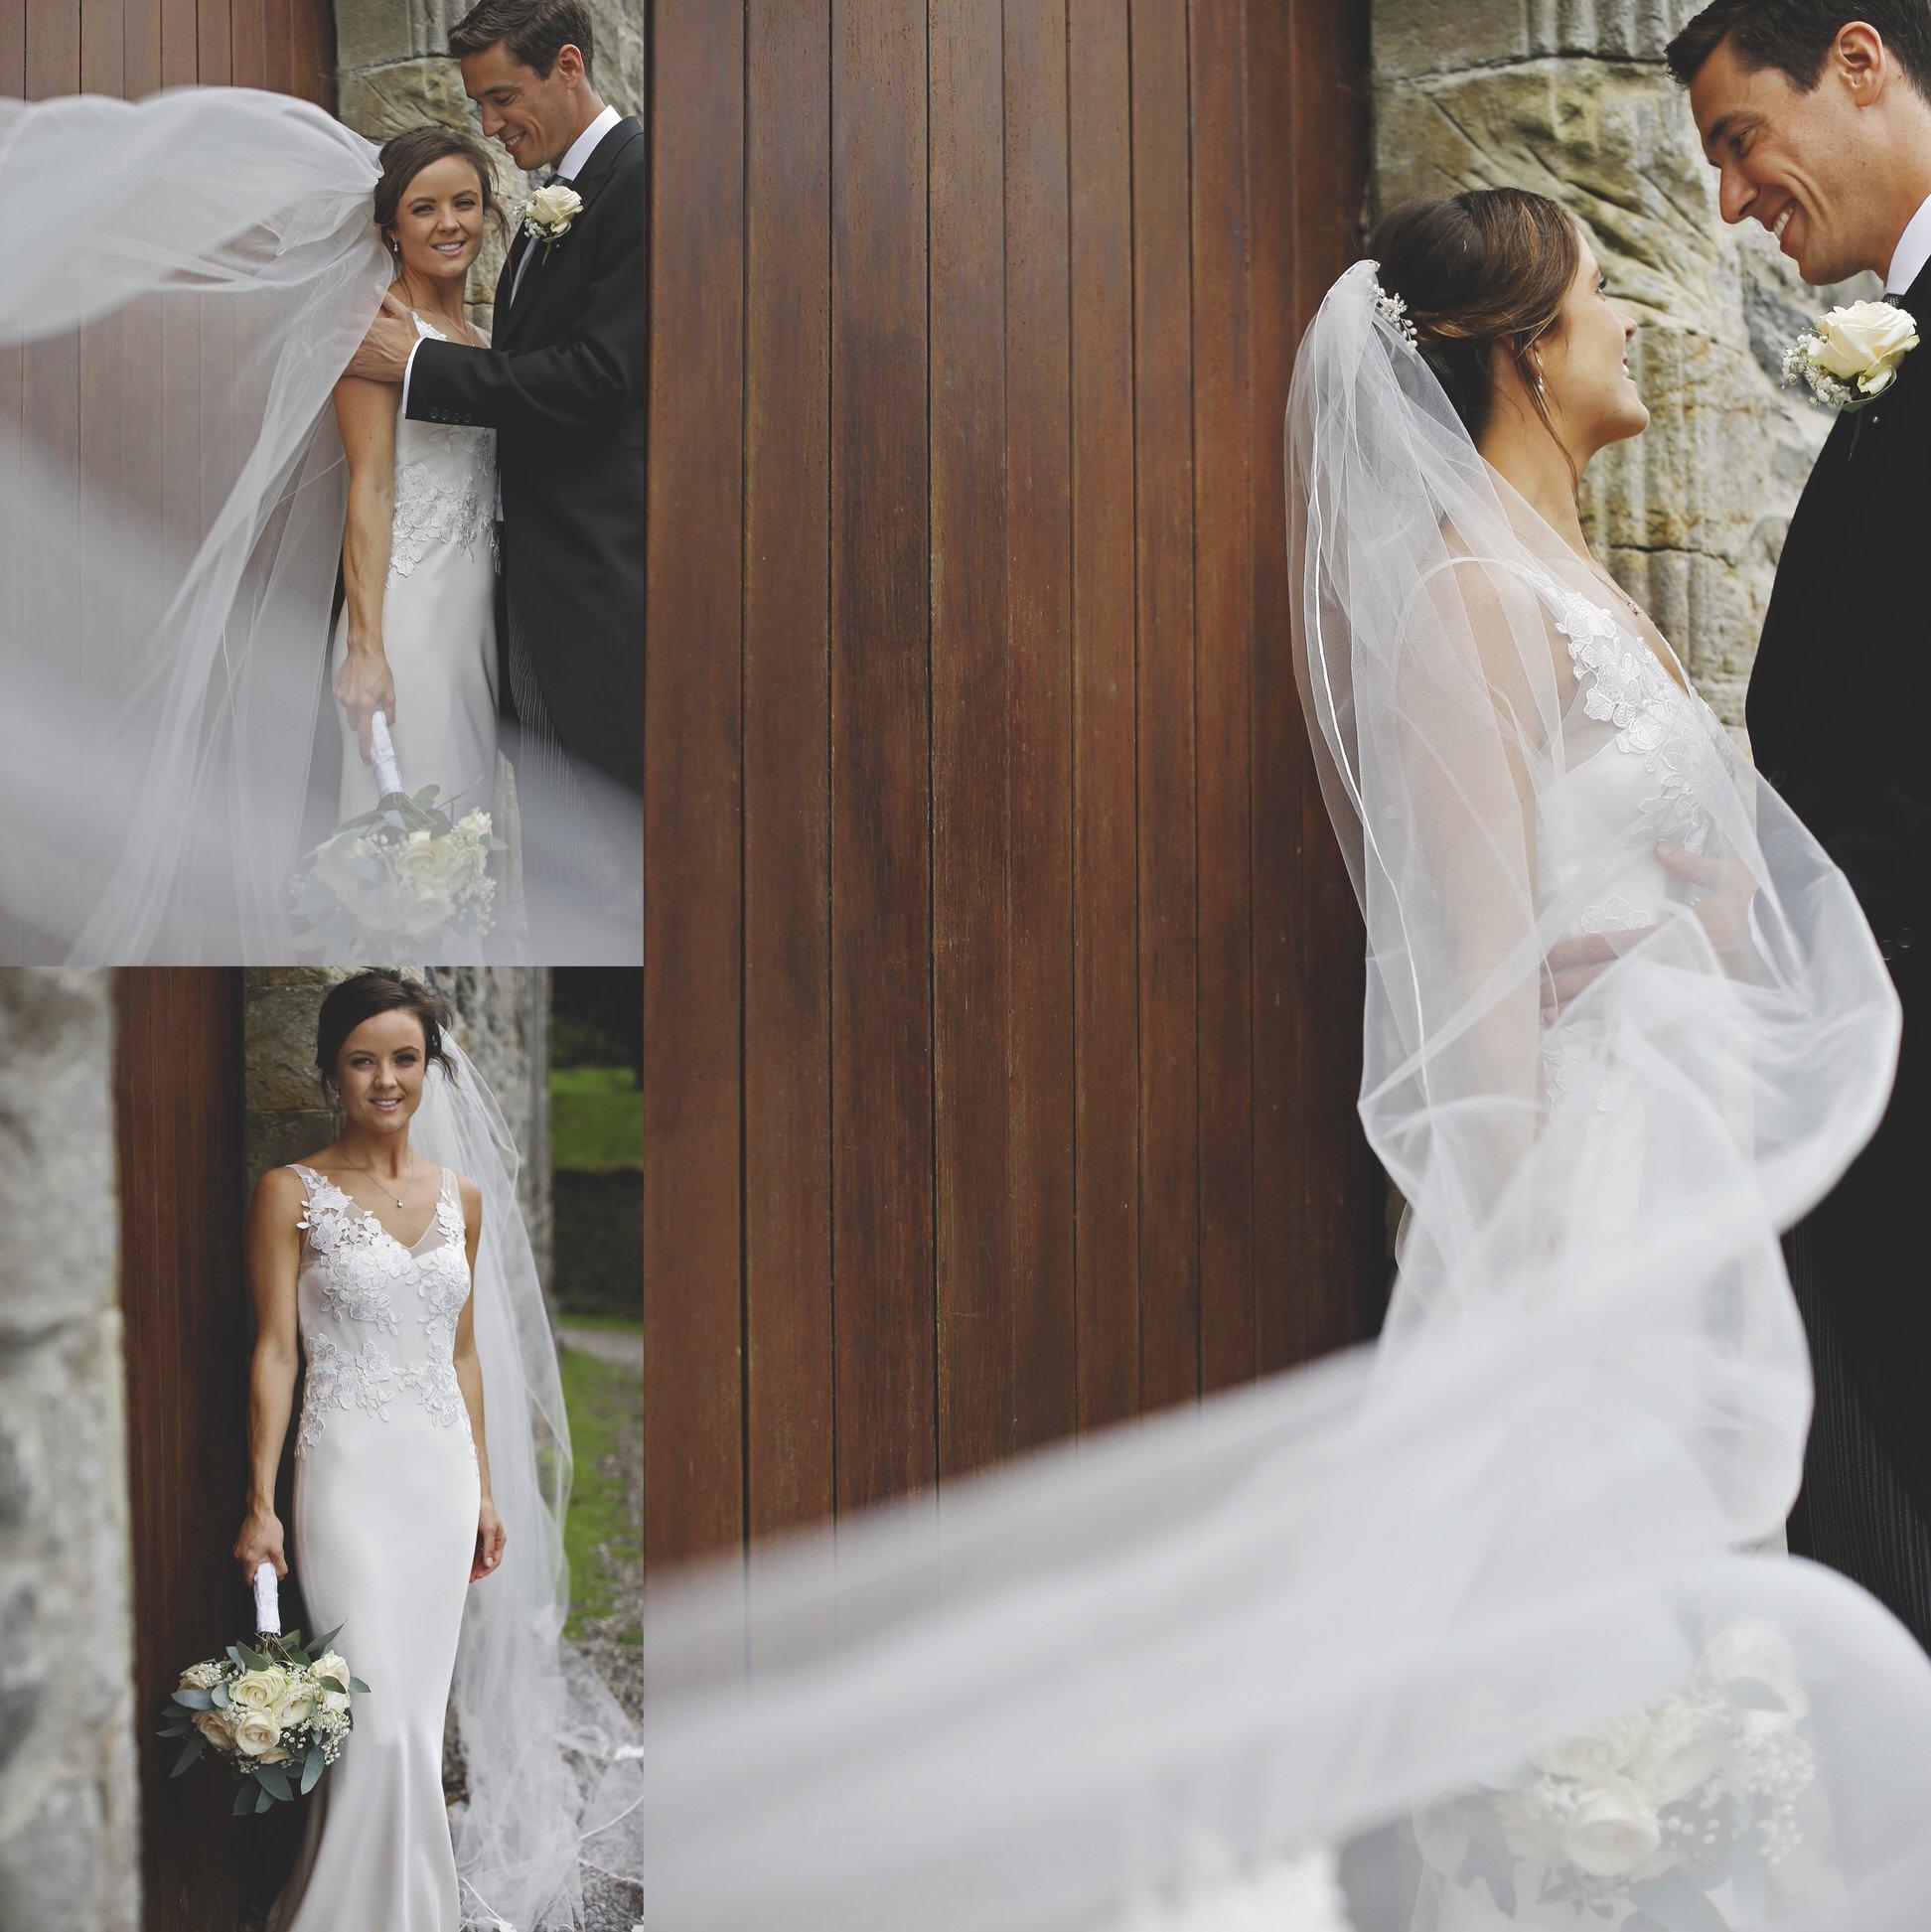 brettharkness-destination-wedding-photographer-ireland_0034.jpg